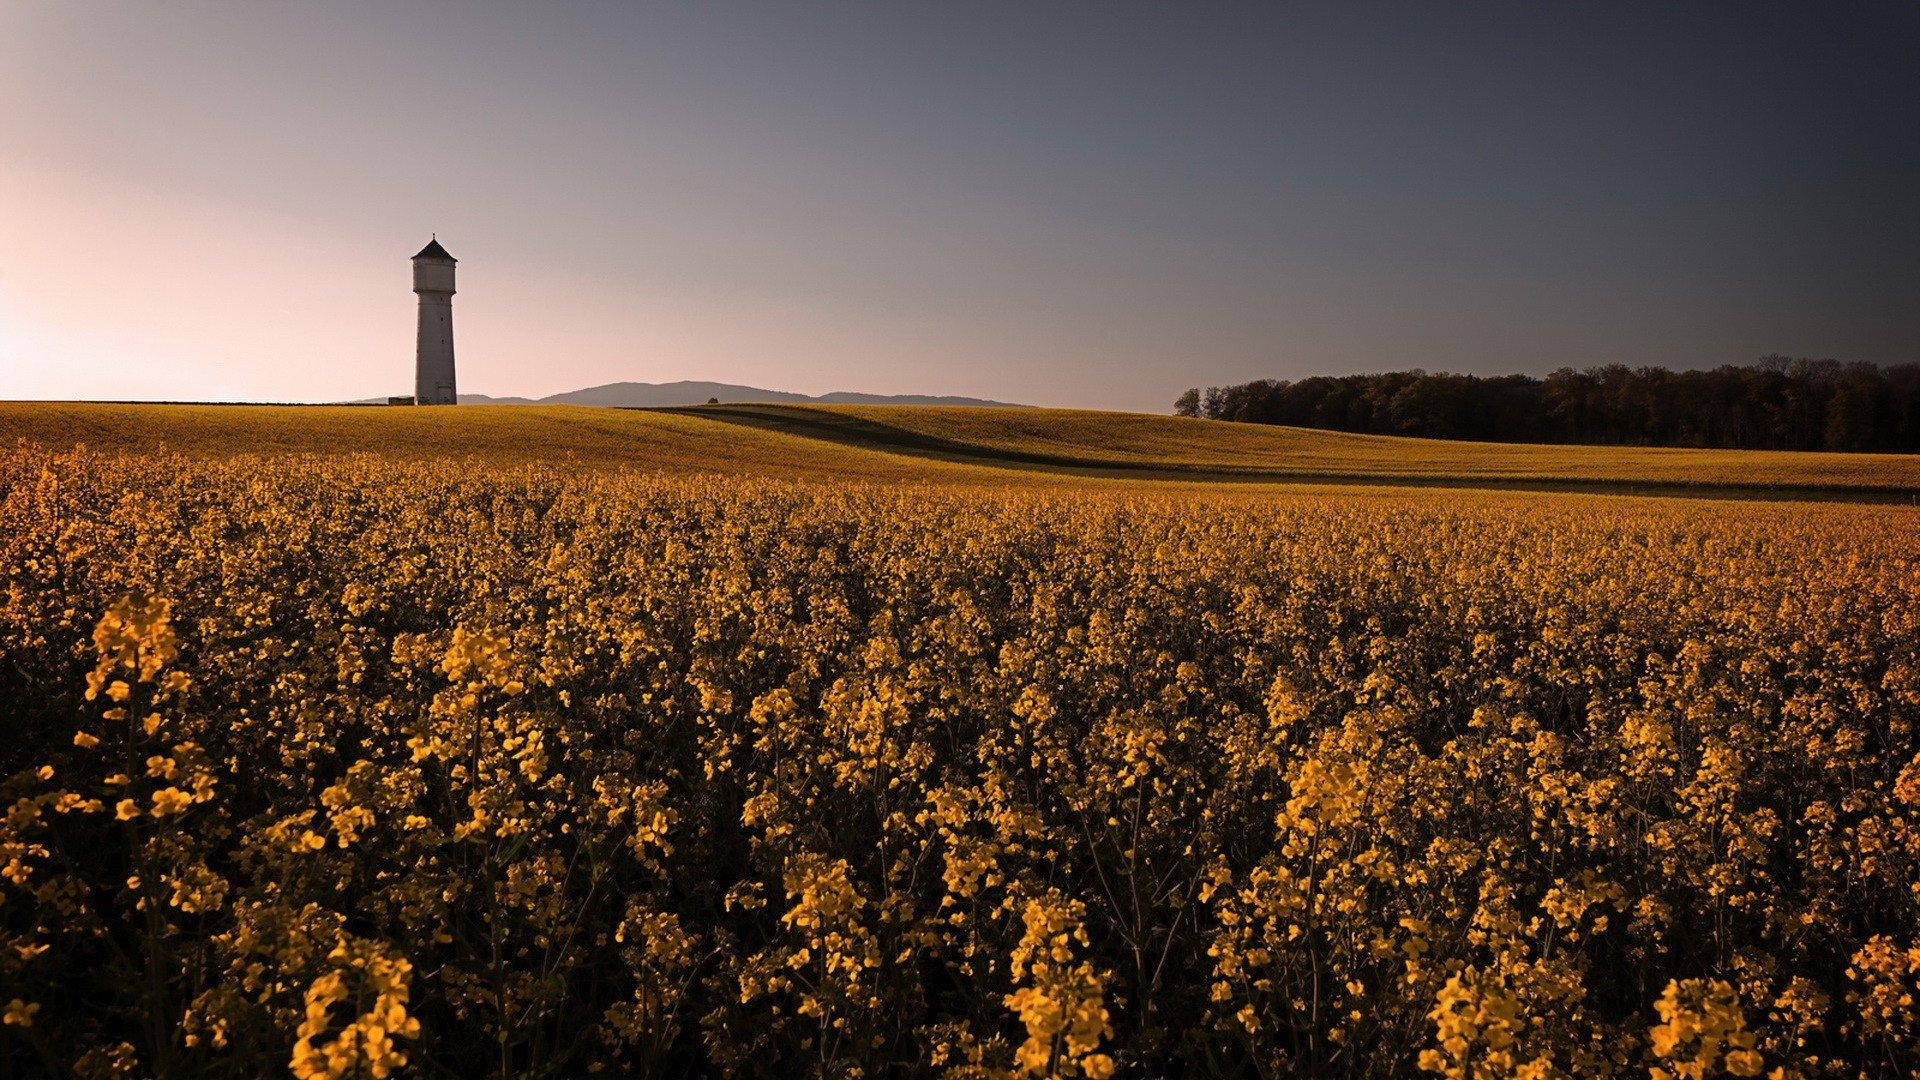 field, Landscape, Sky, Building Wallpaper